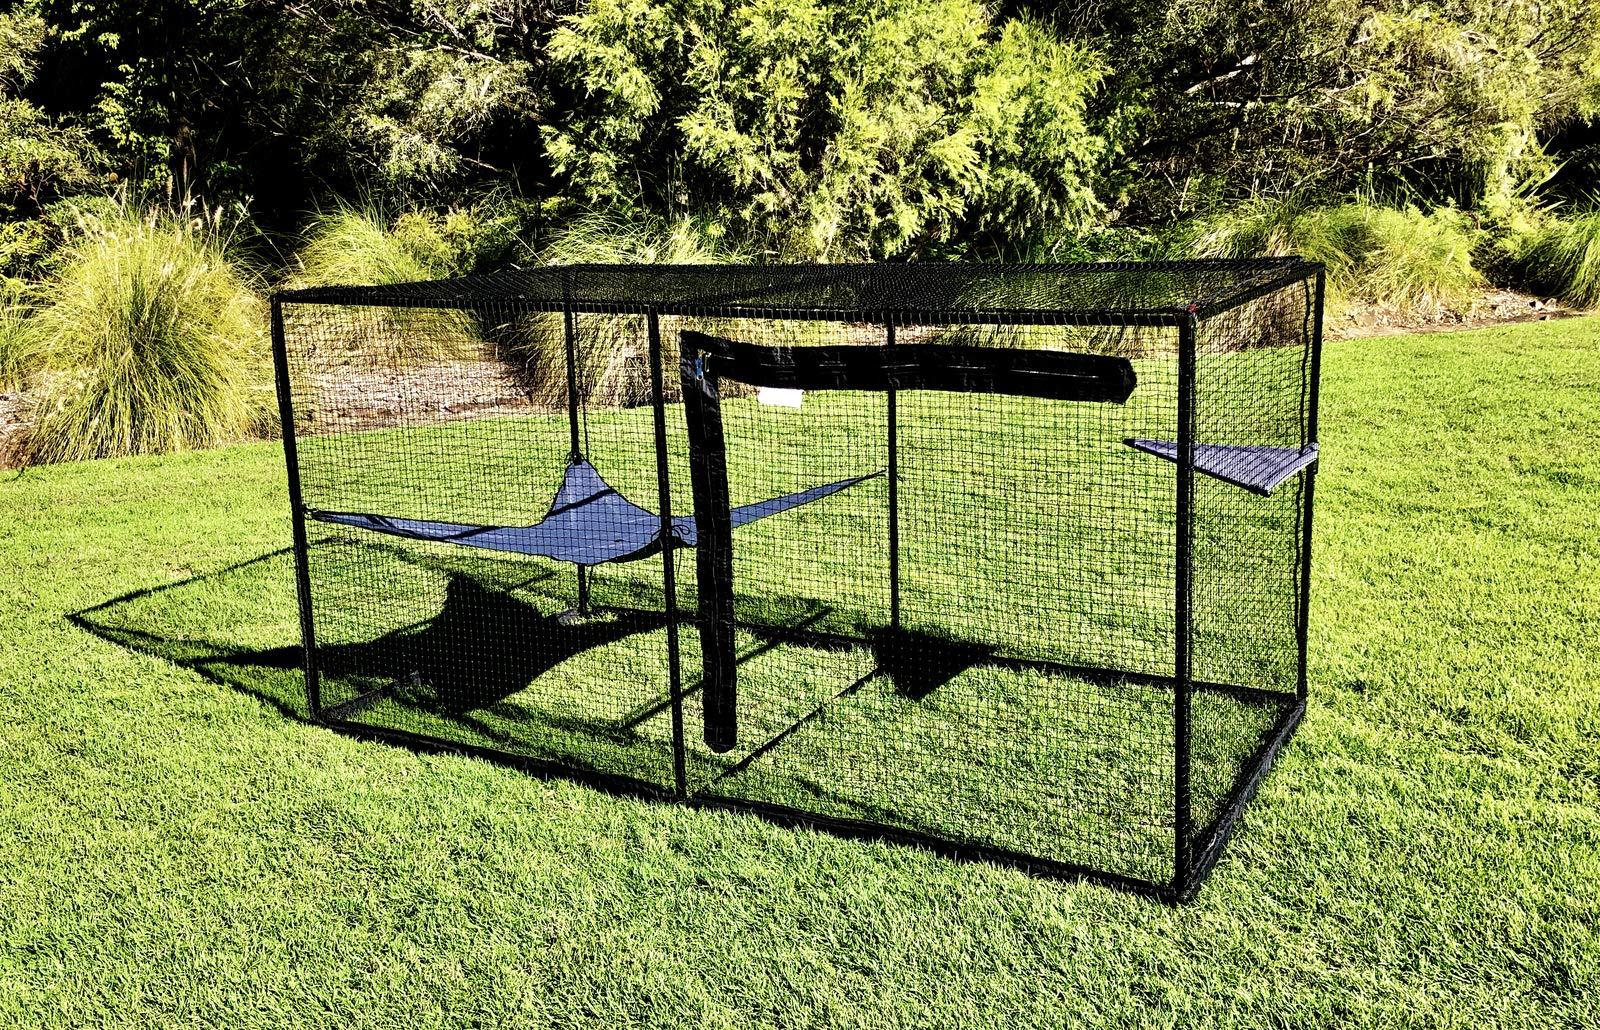 La Luna Pet Care Cat Enclosure | Cat Enclosure | Outdoor Cat Enclosure | Cat Play Pen | Indoor Outdoor Cat Tent | 47.2'' x 47.2'' x 94.4'' by La Luna Pet Care